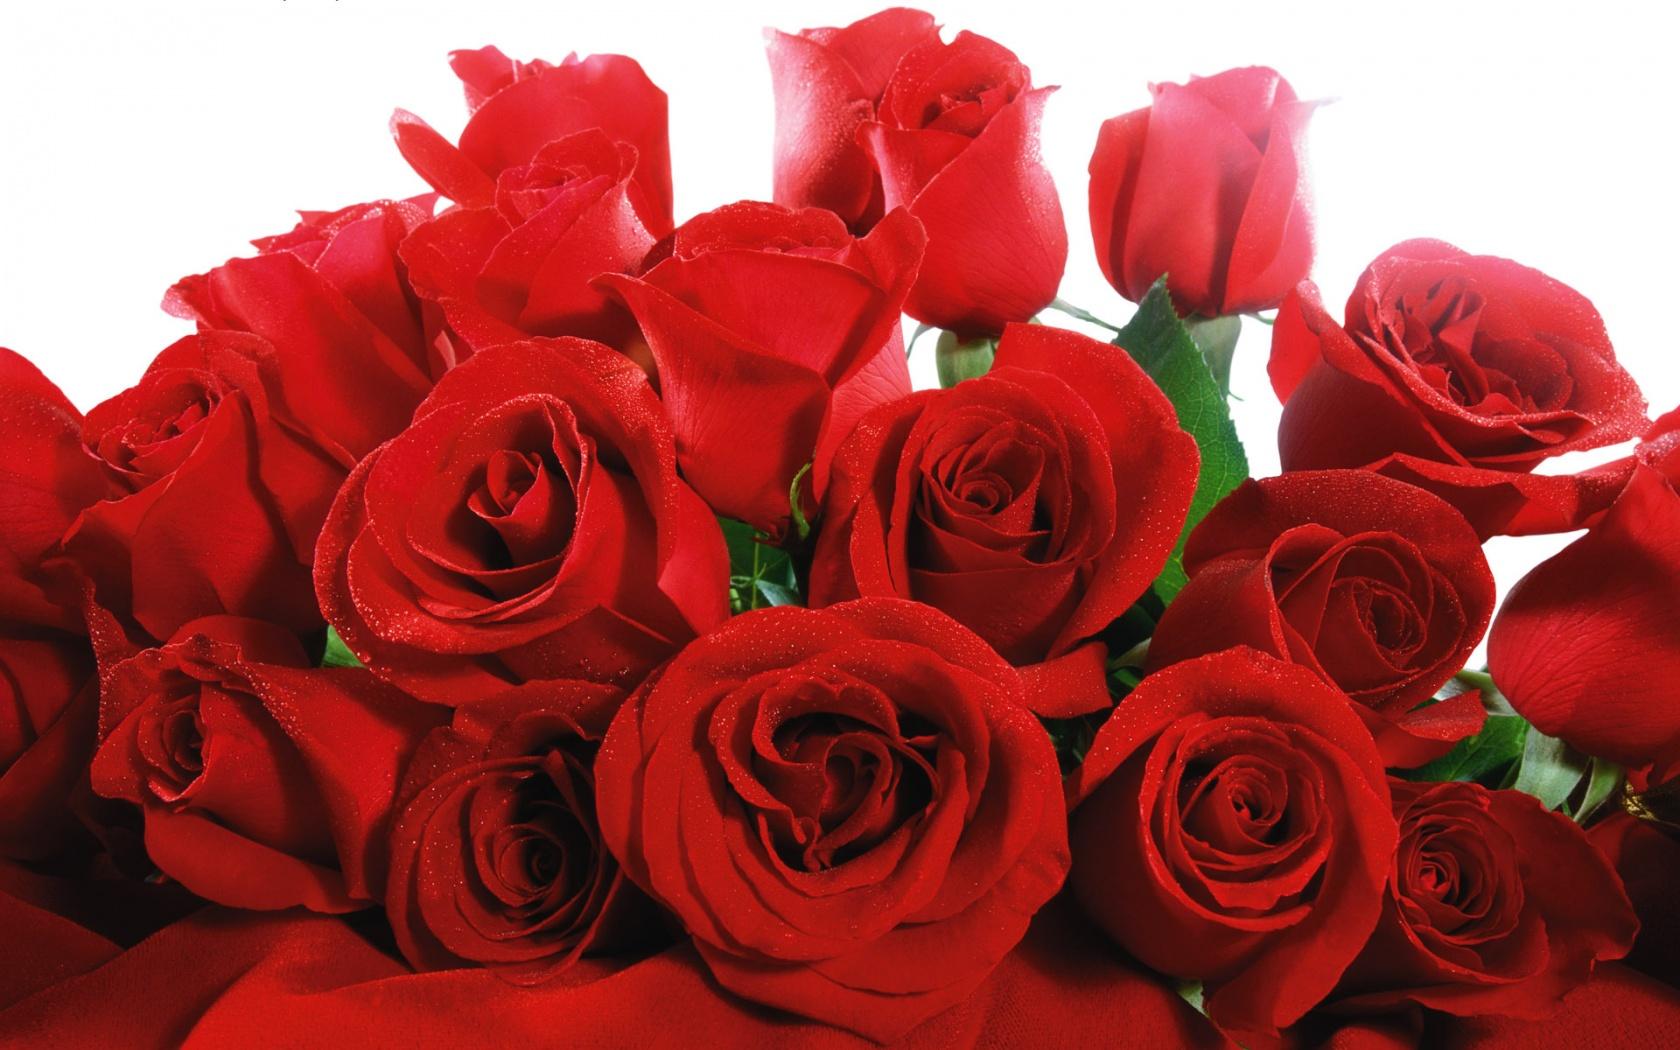 Цветы живые фото 0004